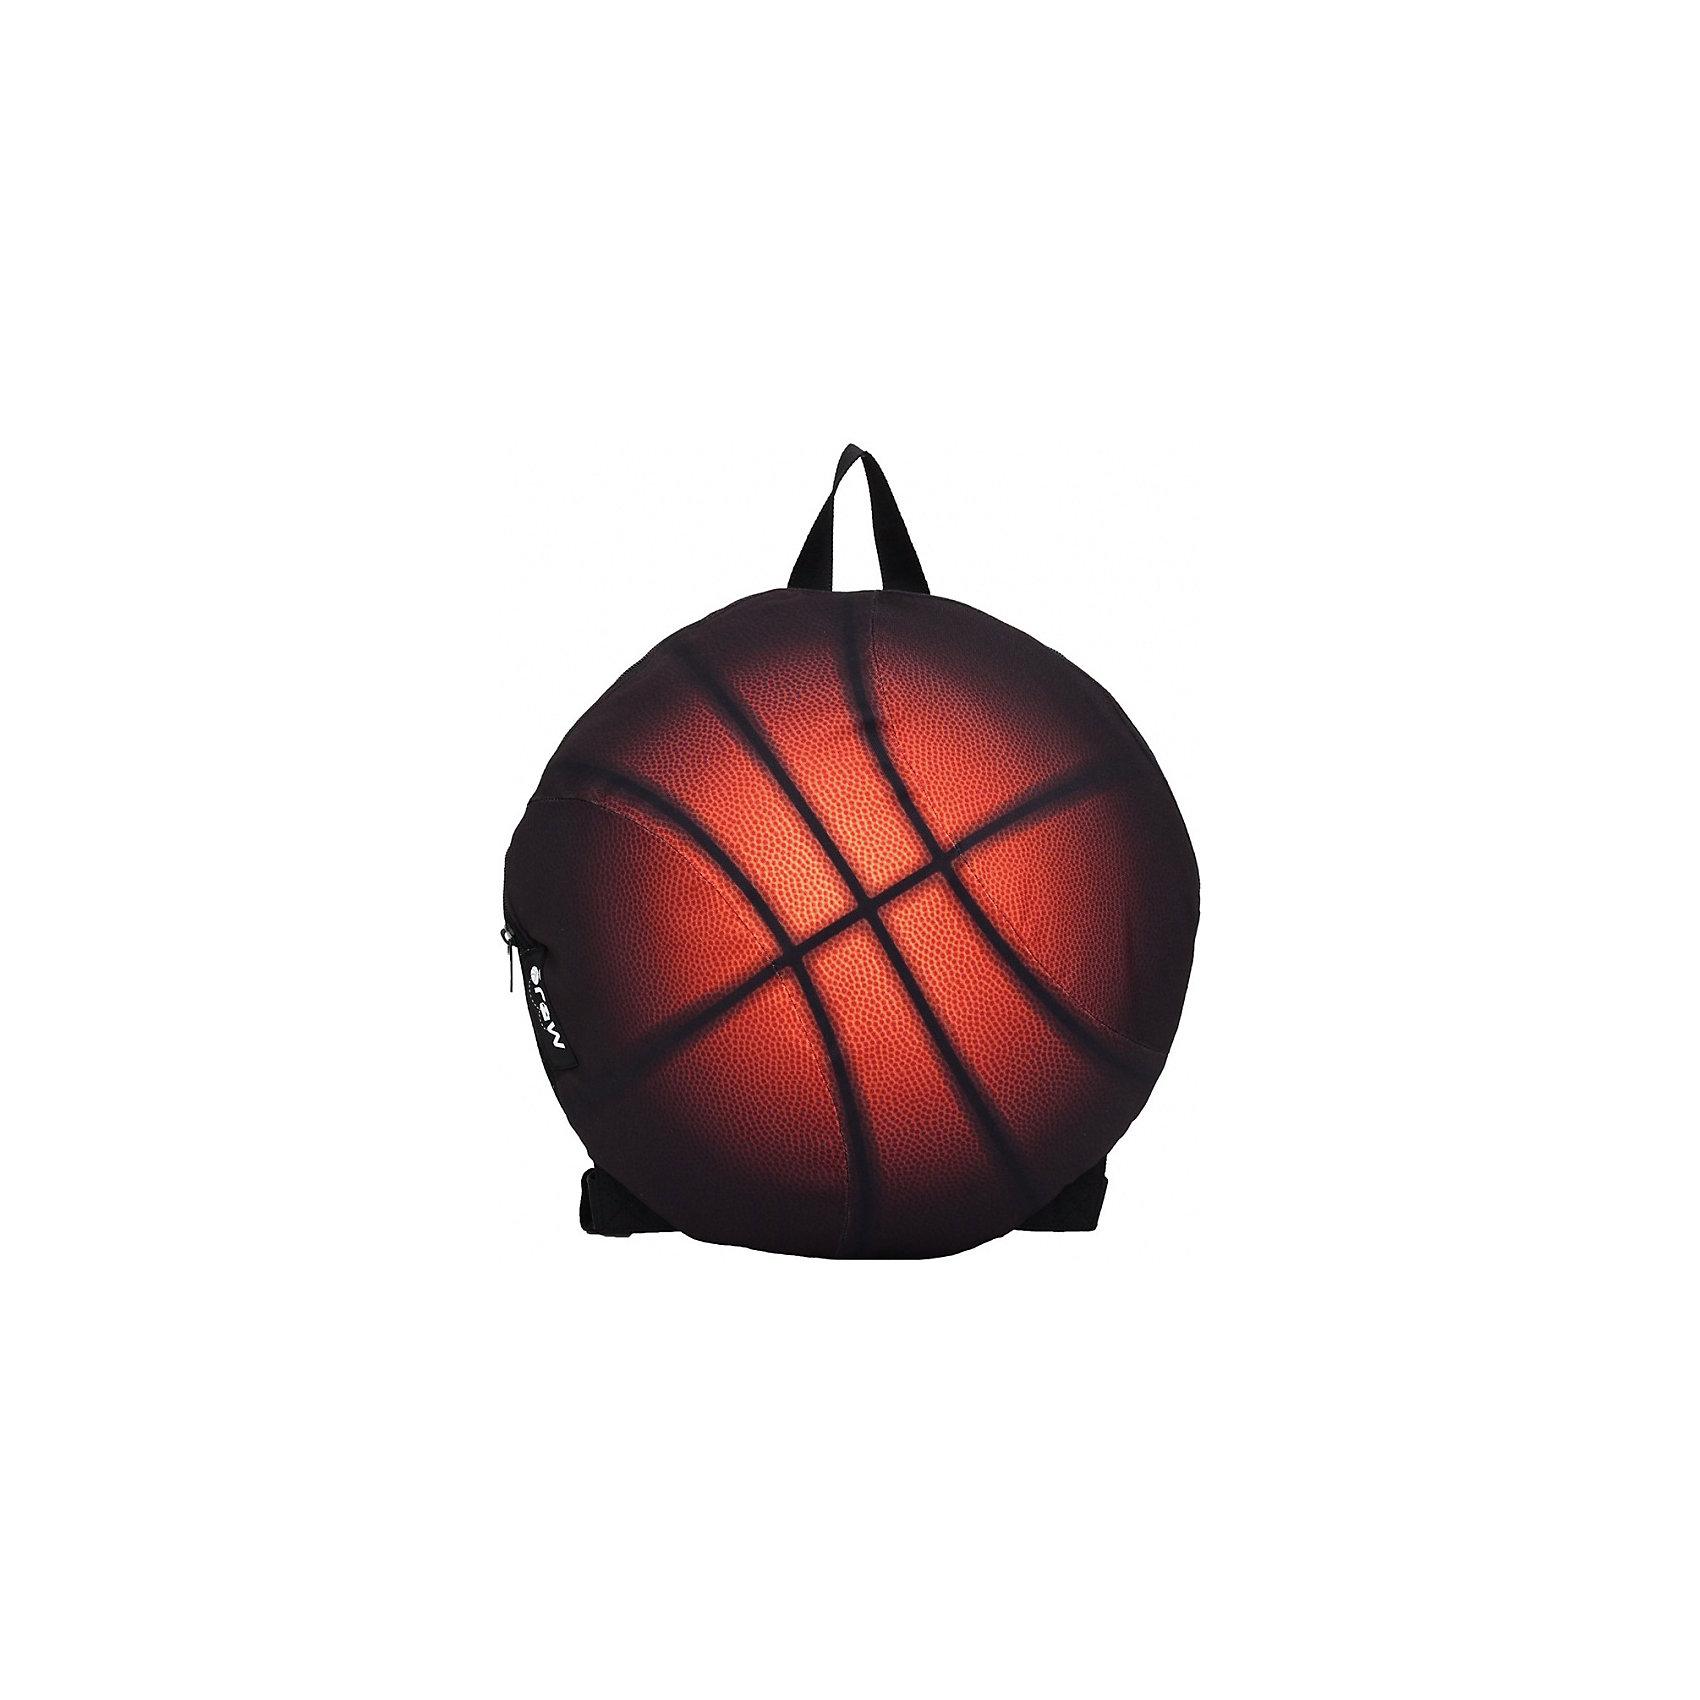 Рюкзак Sport Bascket Ball, цвет оранжевыйРюкзаки<br>Этот стильный рюкзак от Mojo прекрасно сочетает в себе черты спорта и динамичного городского стиля. Рюкзак в виде баскетбольного мяча смотрится очень броско, стильно и оригинально.<br><br>Ширина мм: 43<br>Глубина мм: 30<br>Высота мм: 16<br>Вес г: 700<br>Возраст от месяцев: 84<br>Возраст до месяцев: 420<br>Пол: Унисекс<br>Возраст: Детский<br>SKU: 5344343